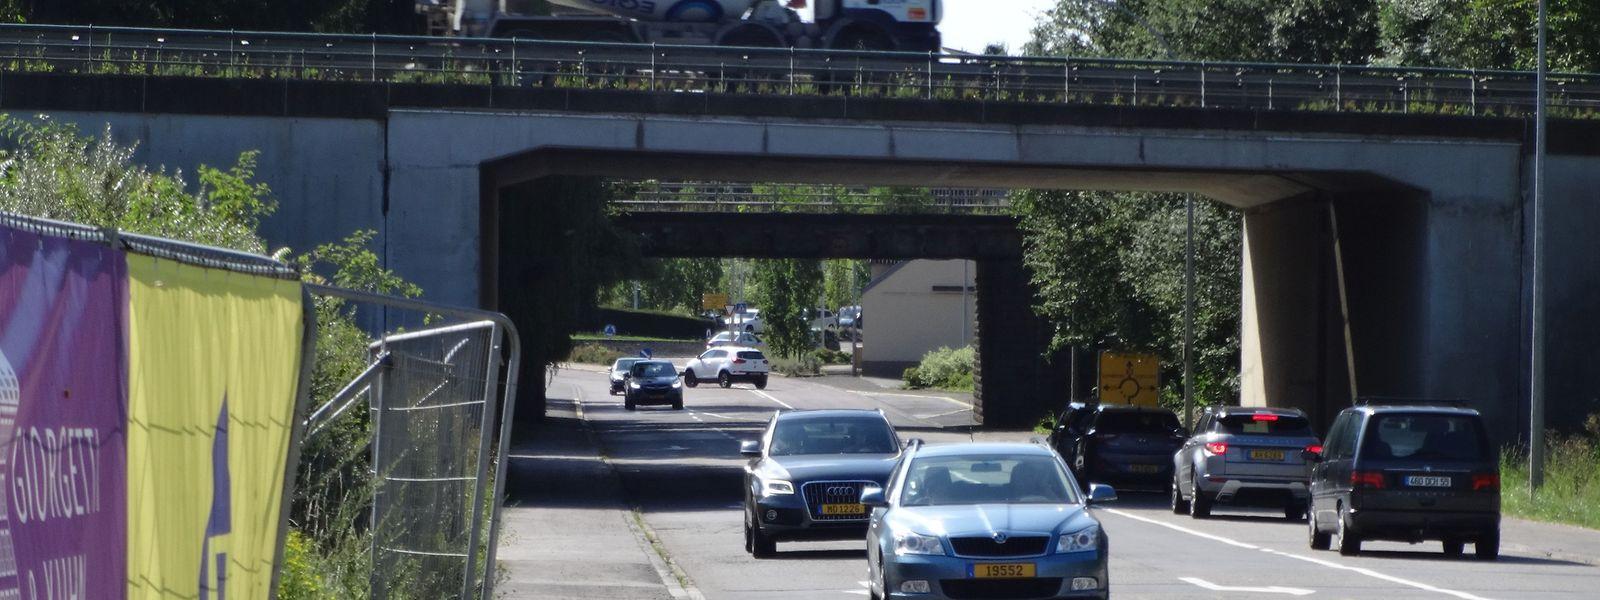 Dieser teil der N13, die unter die Autobahnbrücke führt, wird einem ovalen Kreisverkehr weichen.